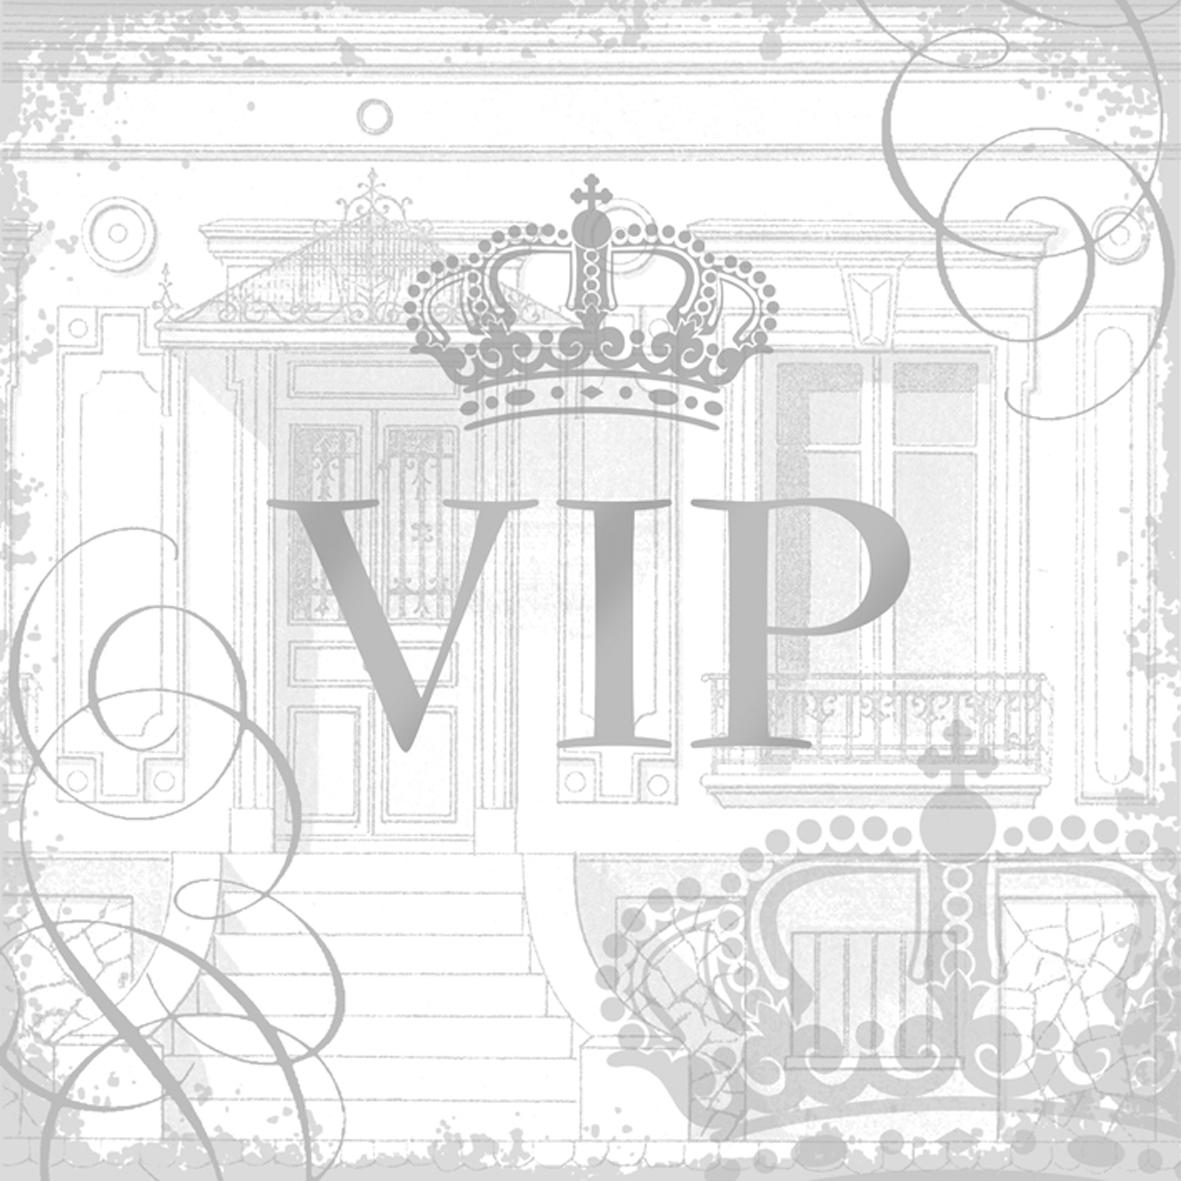 Lunch Servietten VIP silver                       ,  Sonstiges -  Sonstiges,  Everyday,  lunchservietten,  Krone,  Palast,  silber